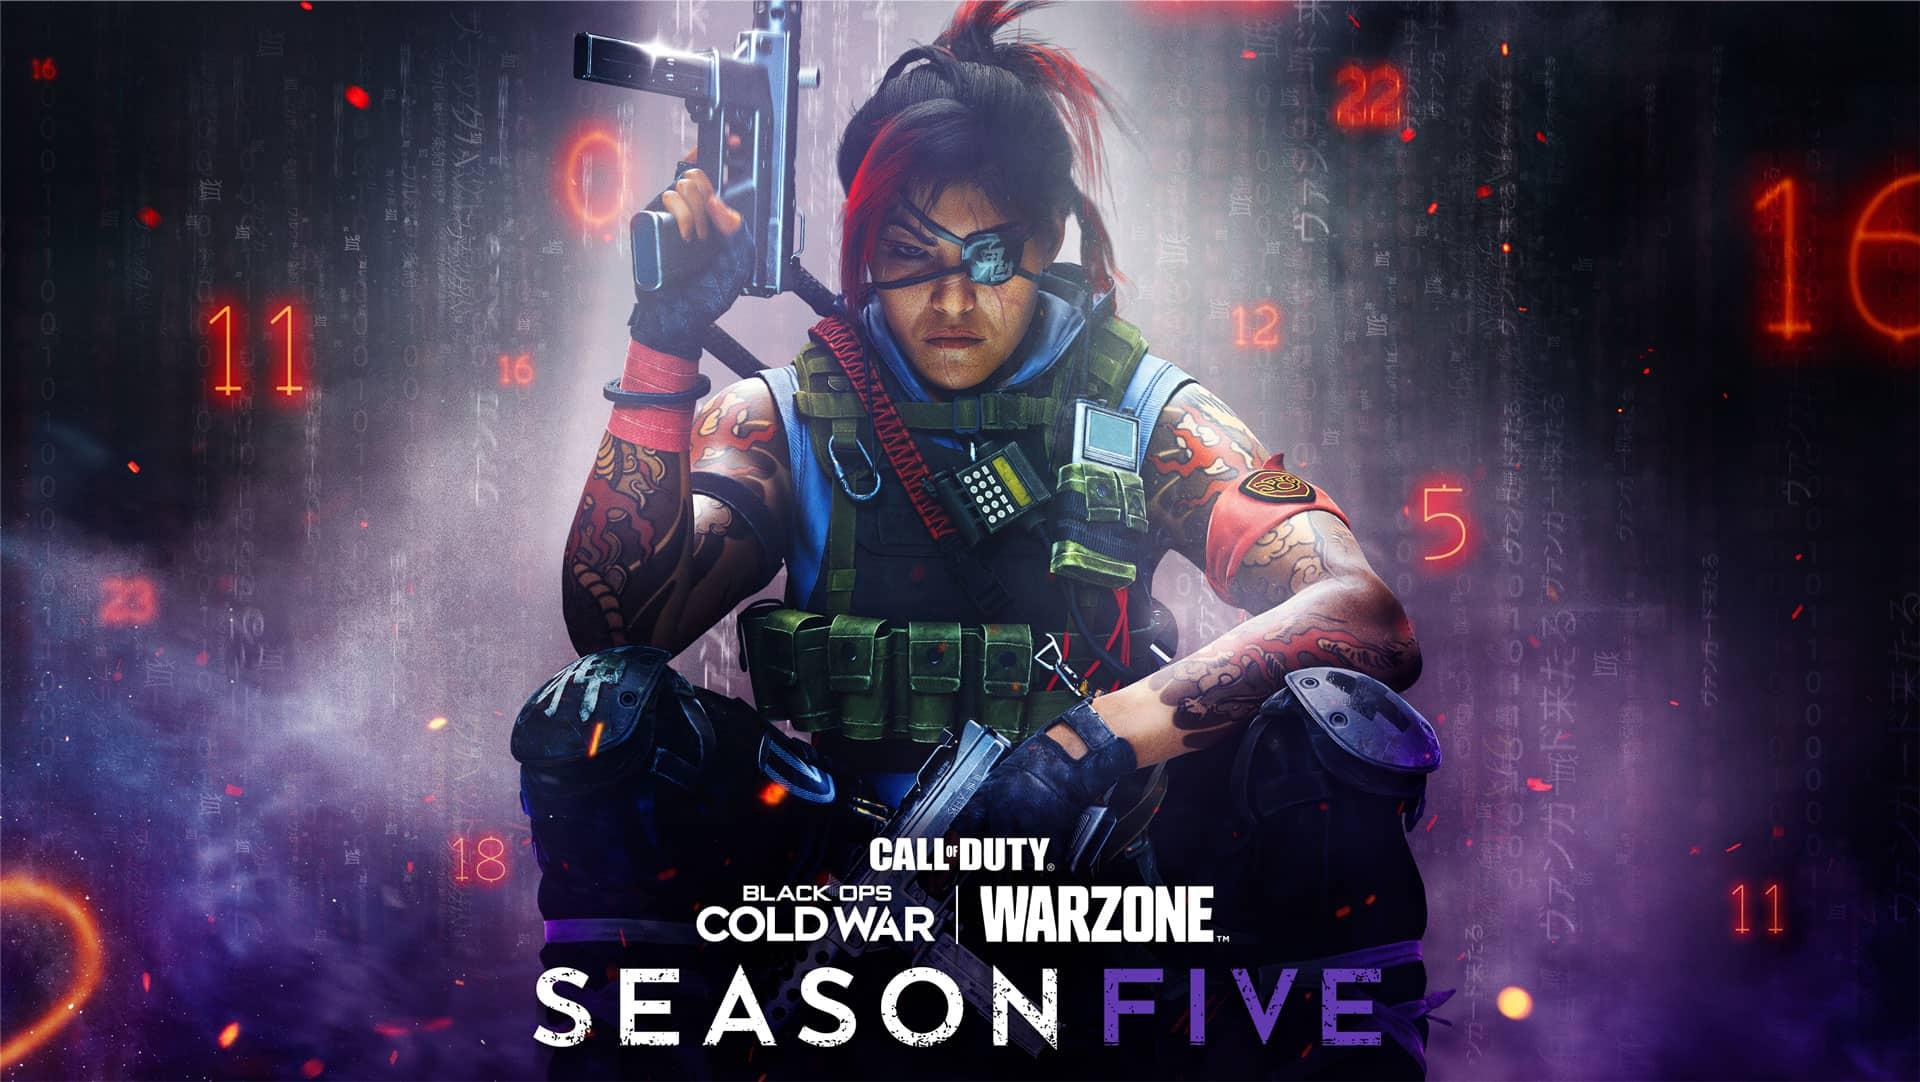 Todas las novedades de cara a la temporada 5 de Warzone